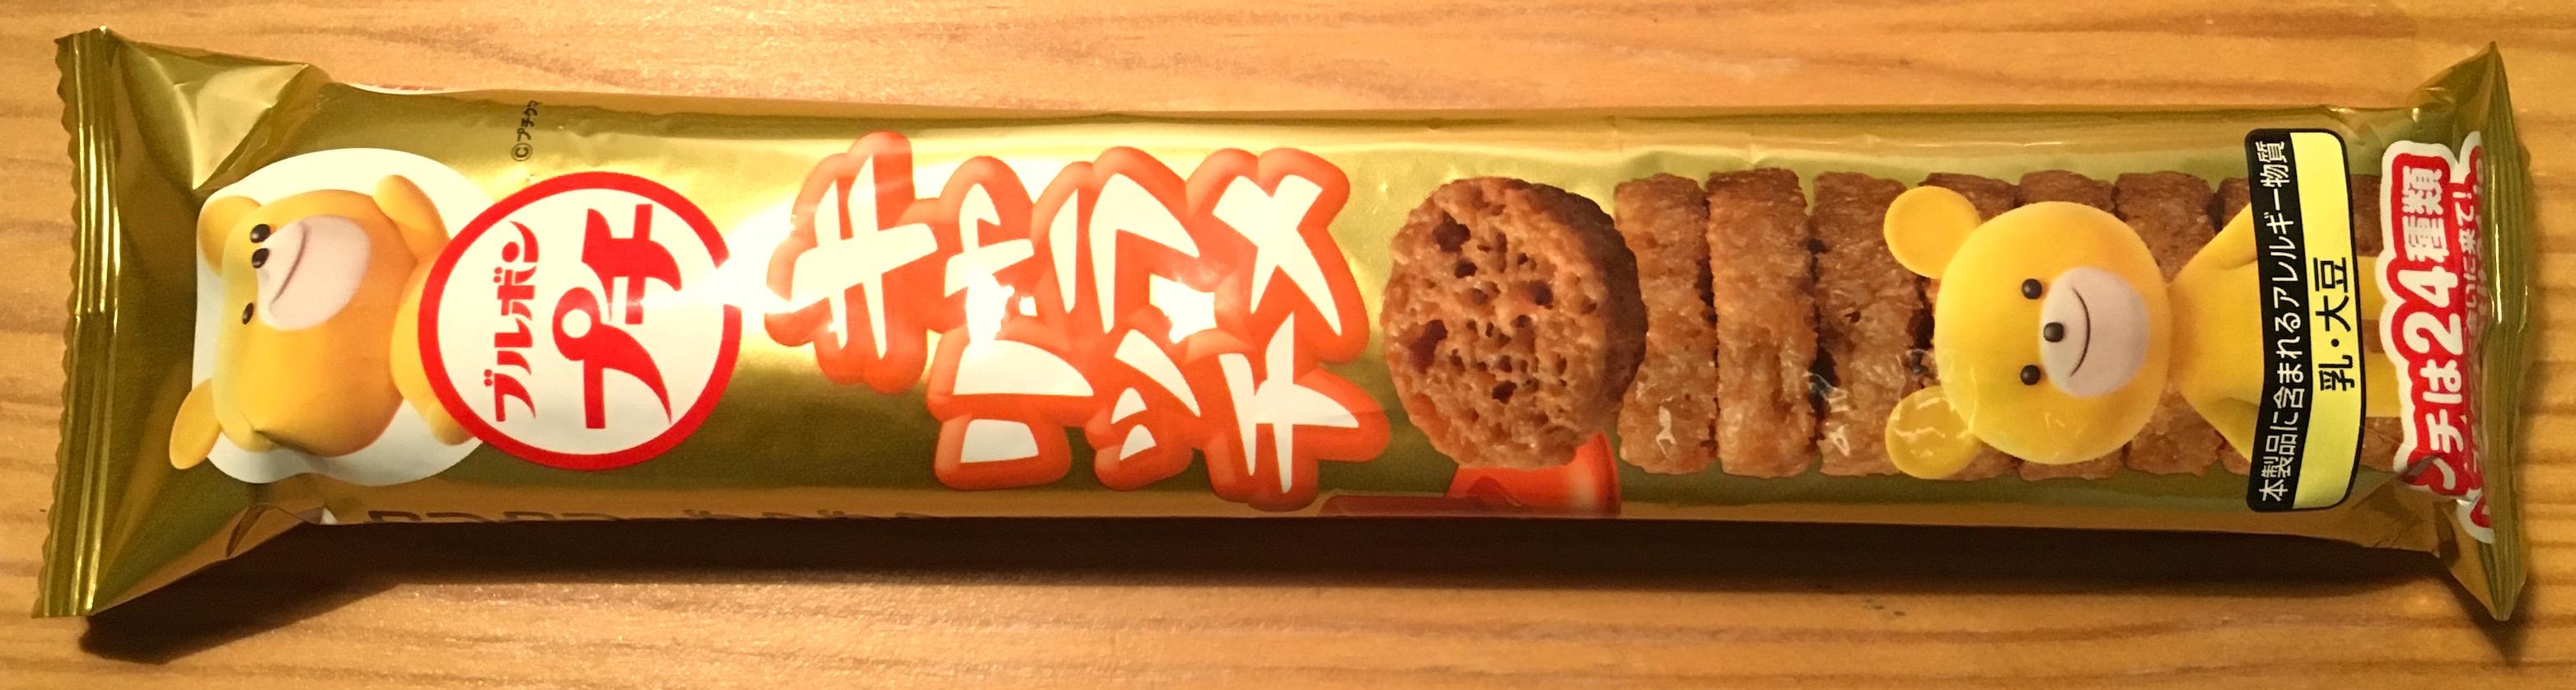 Petit Caramel 1